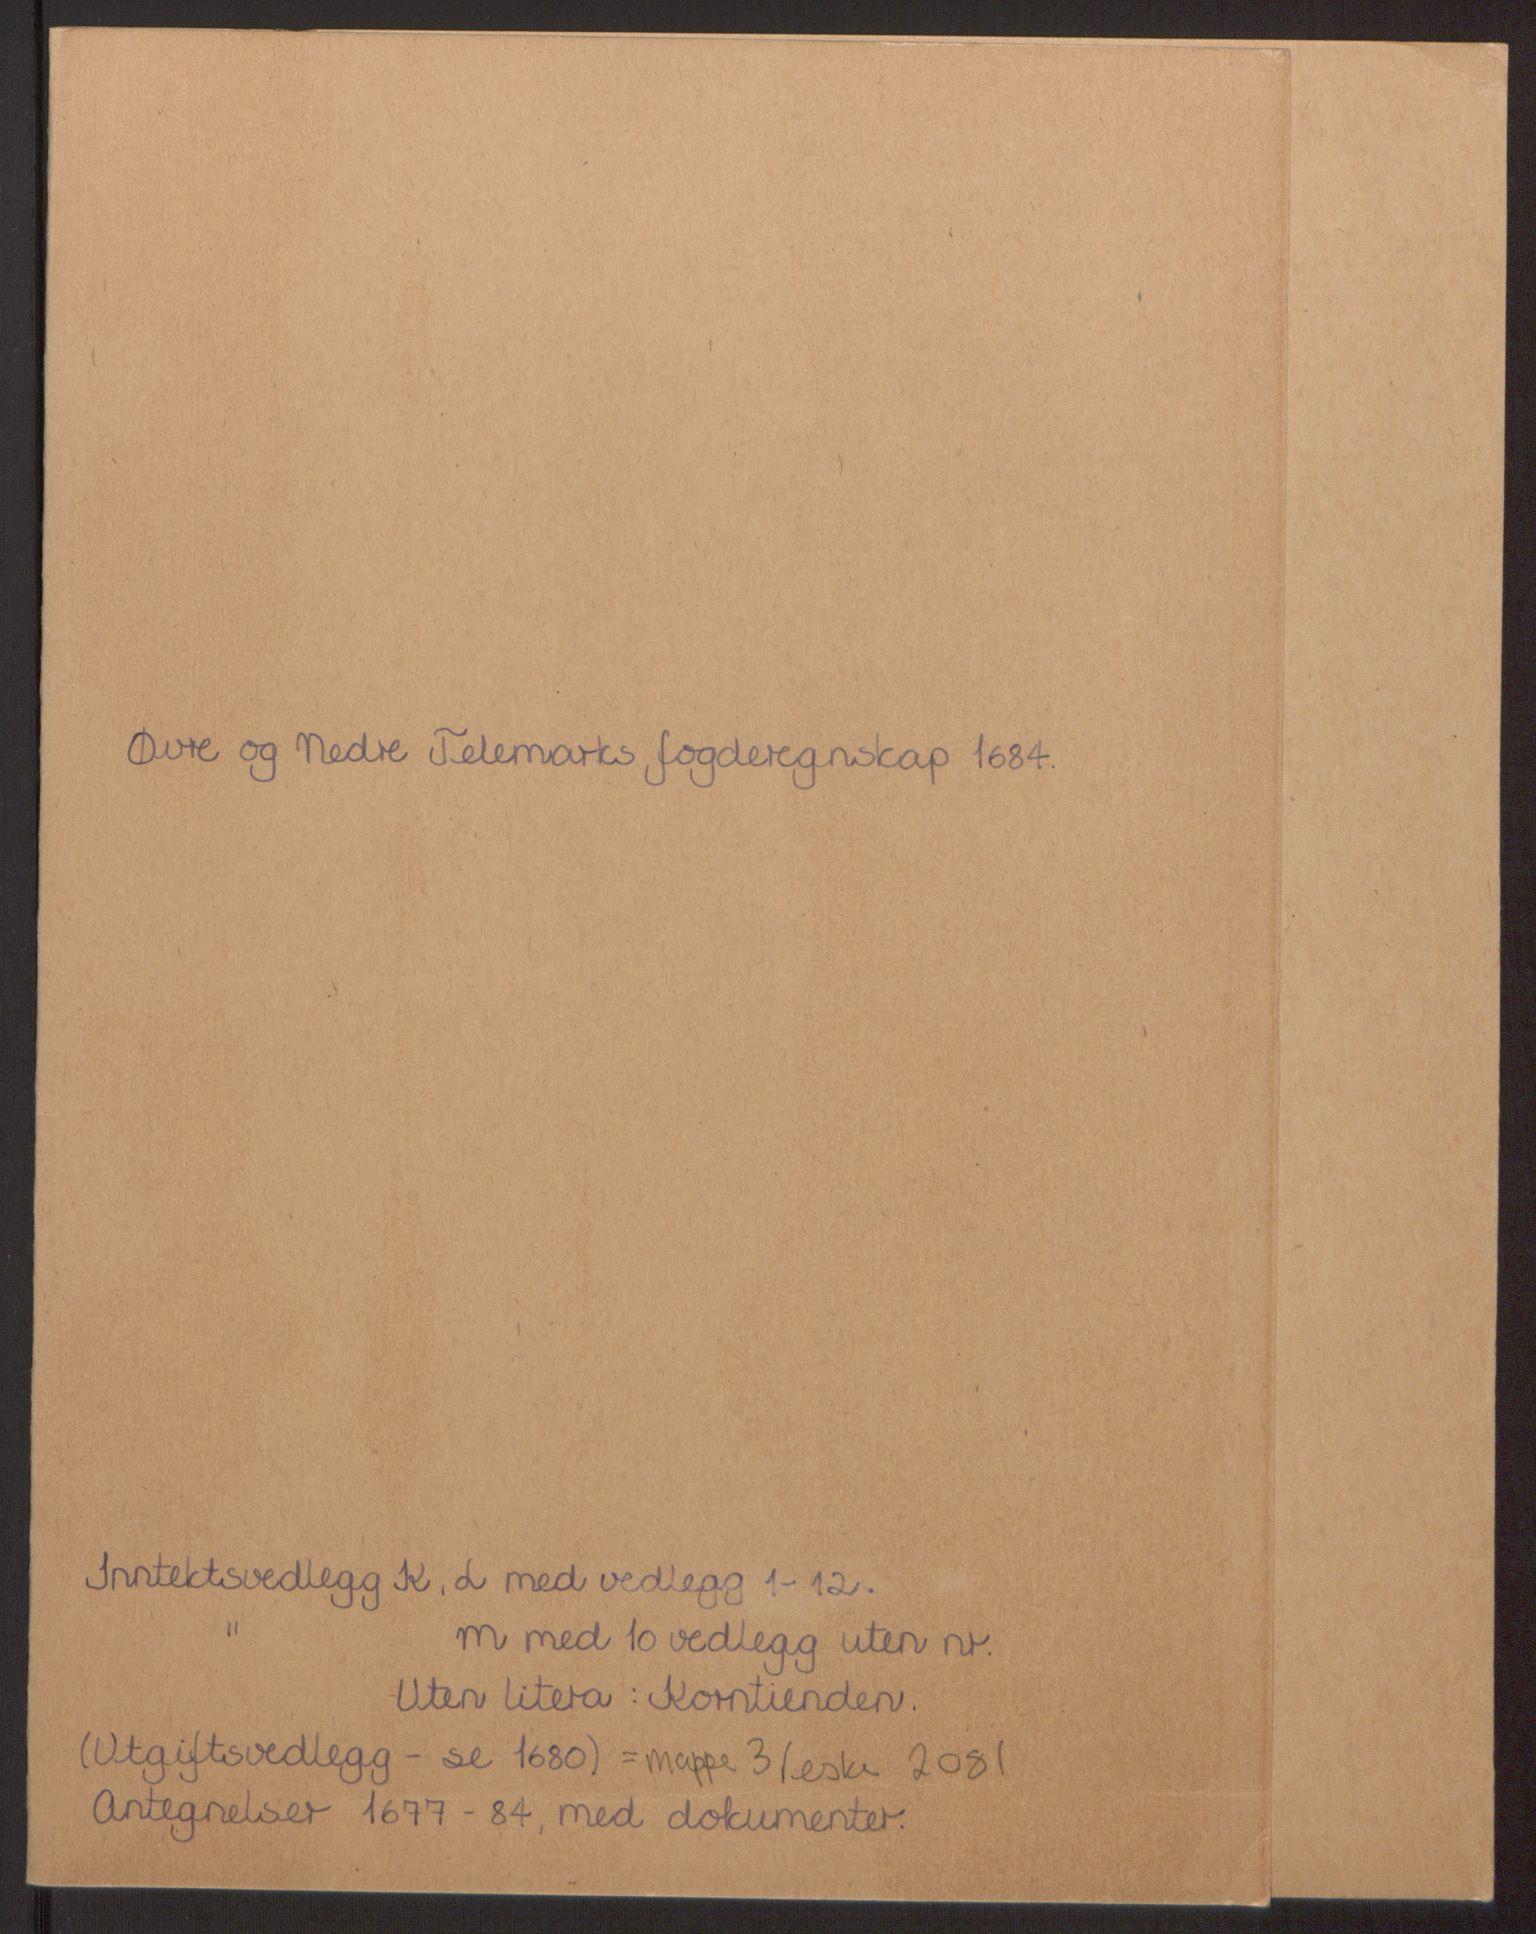 RA, Rentekammeret inntil 1814, Reviderte regnskaper, Fogderegnskap, R35/L2081: Fogderegnskap Øvre og Nedre Telemark, 1680-1684, s. 169